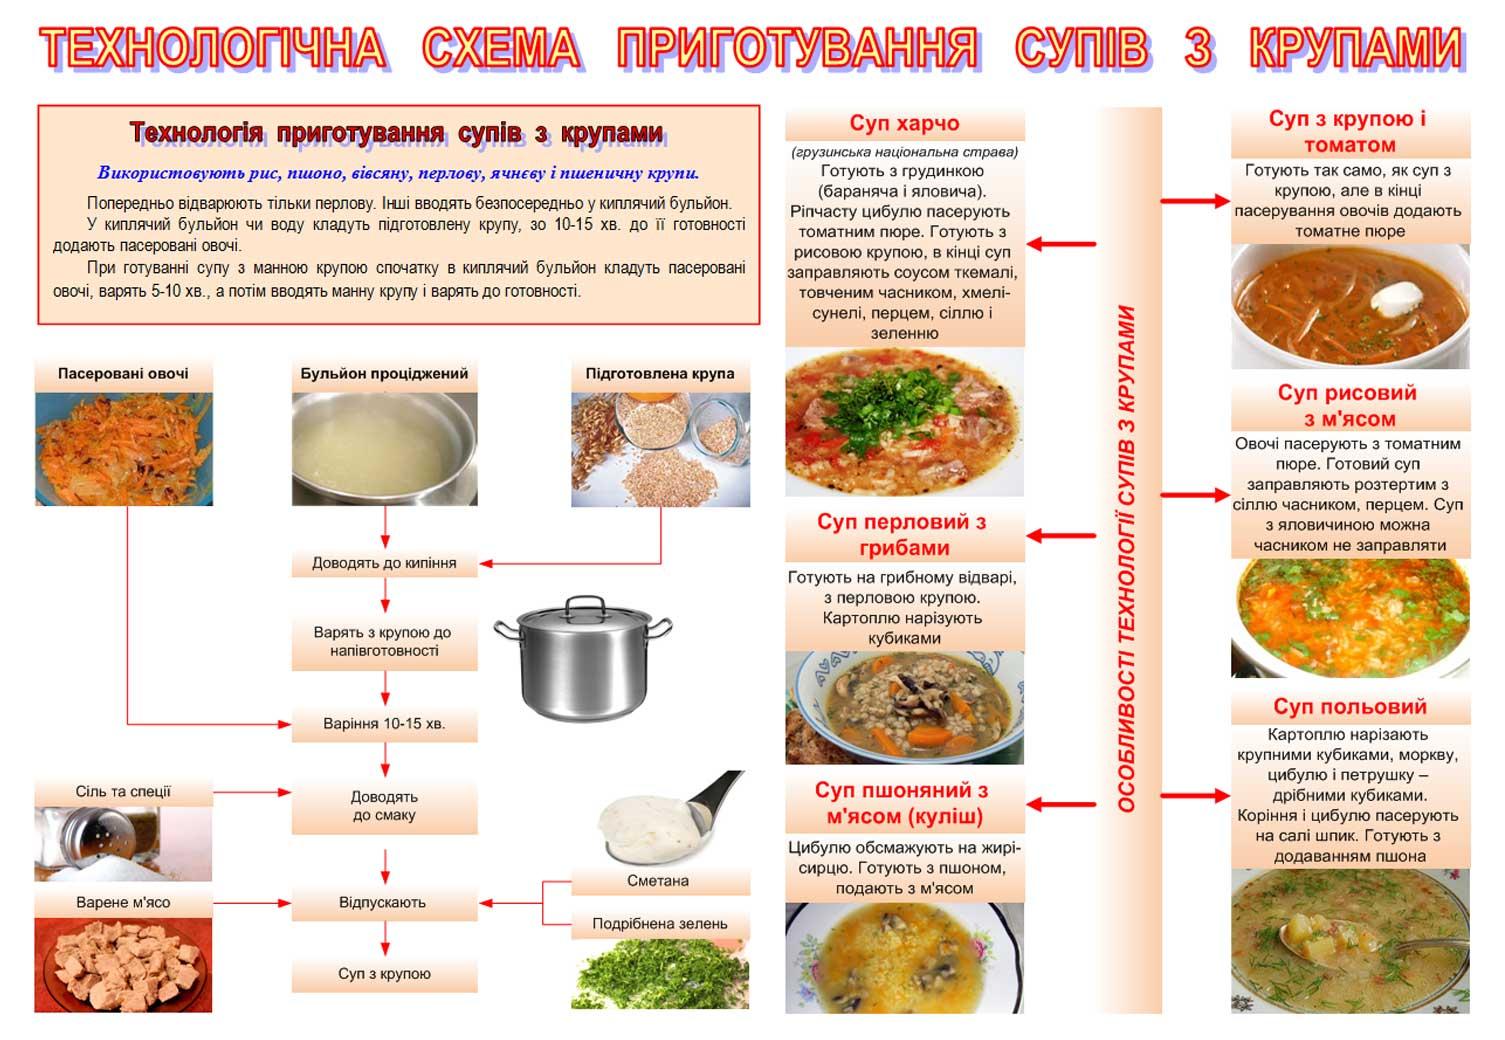 Технологическая схема приготовления пудинга сухарного